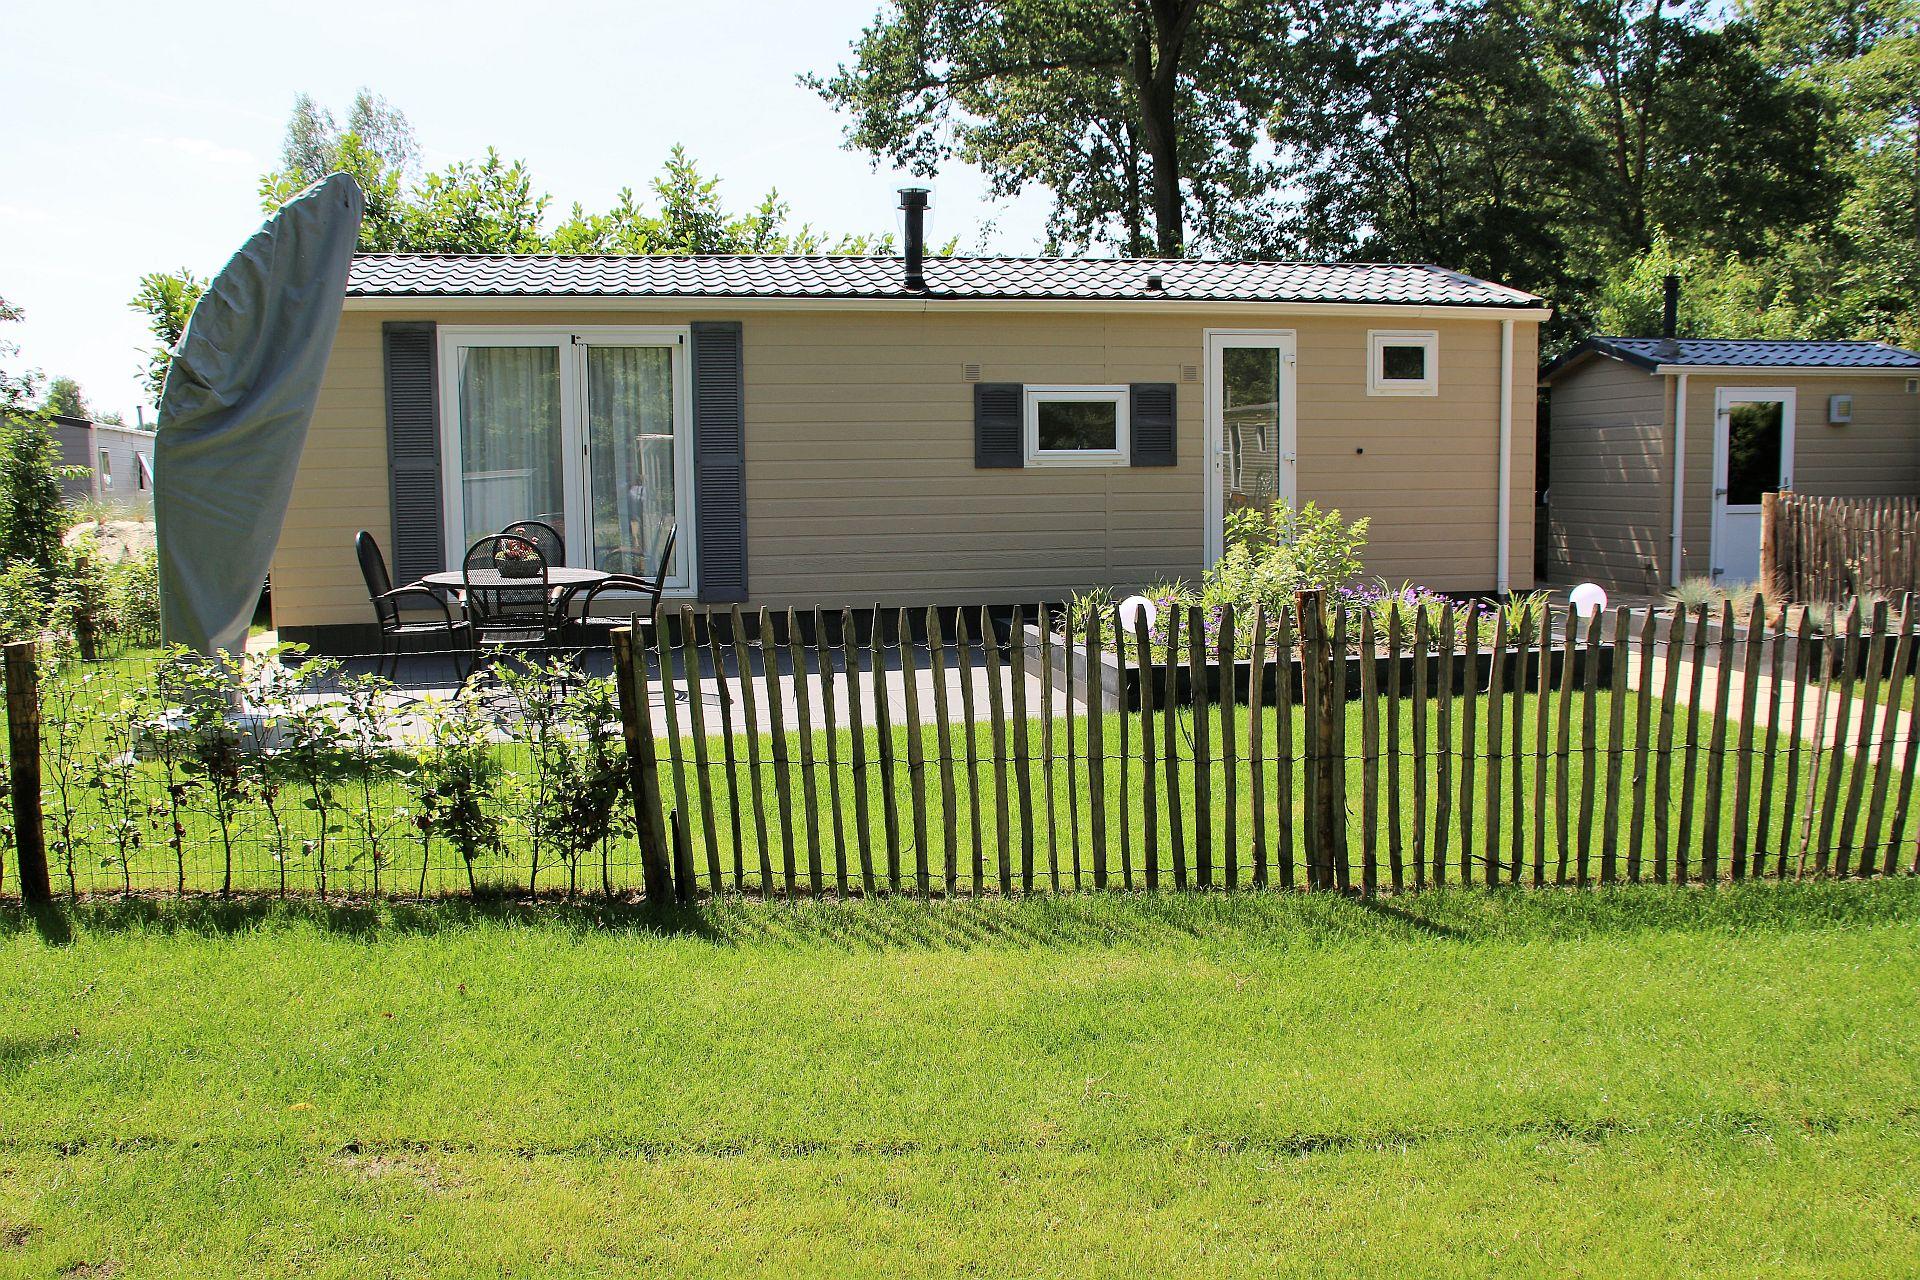 Jaarplaatsen in Overijssel op 5 sterren camping - Jaarplaatsen in Overijssel NL